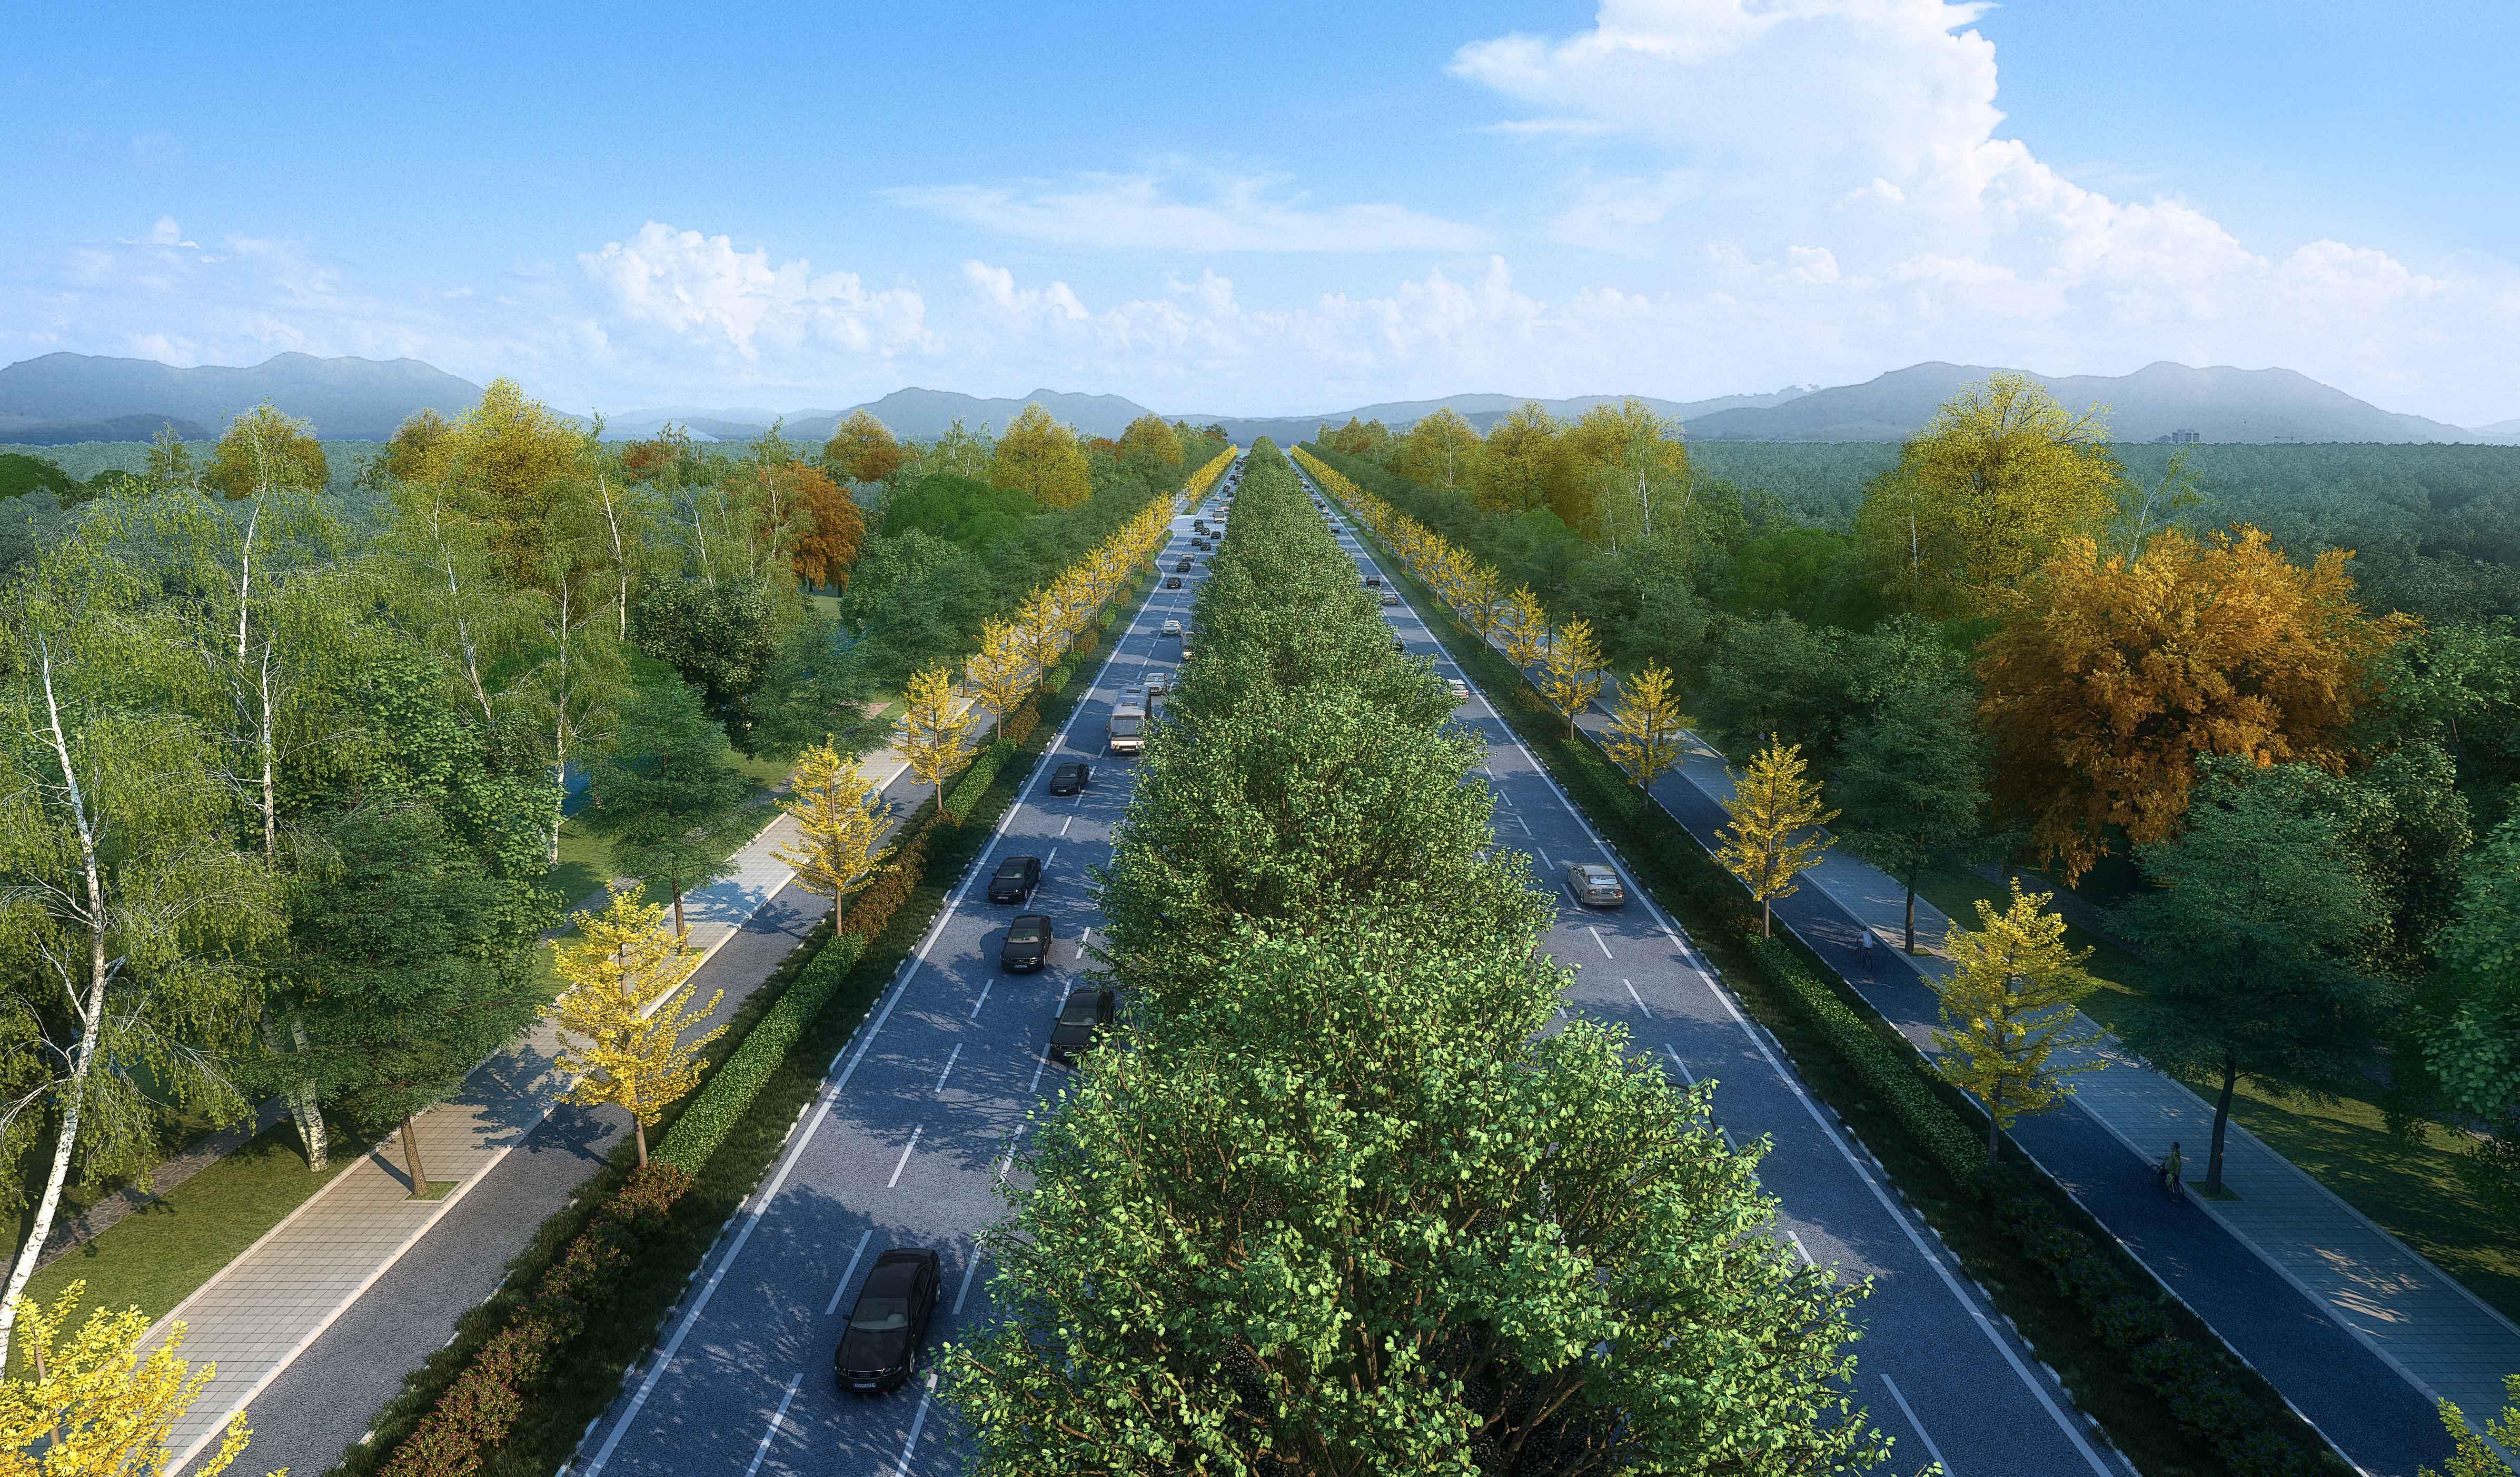 大禮路(大廣高速~京臺高速)道路及綜合管廊工程(七標段)項目-(1)